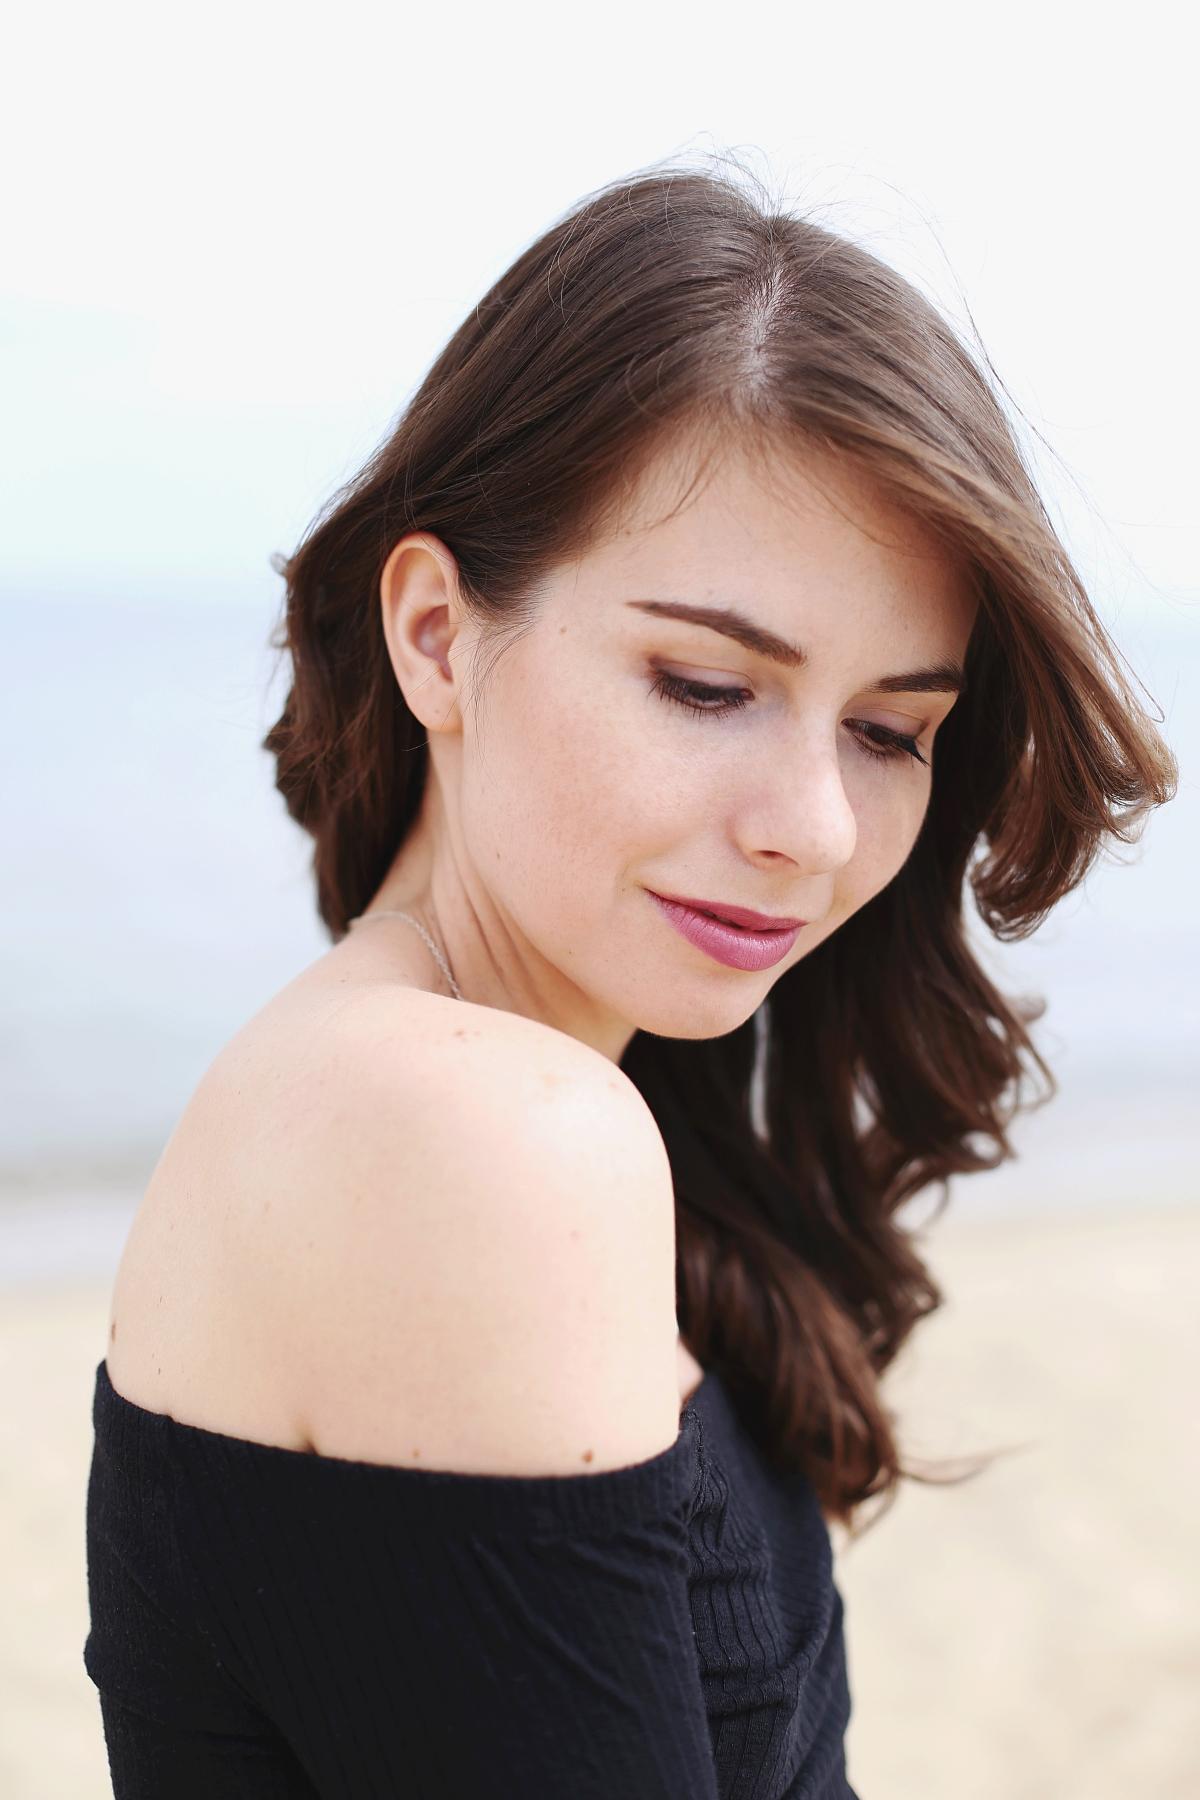 Sesja na plaży - naturalny makijaż w brązach